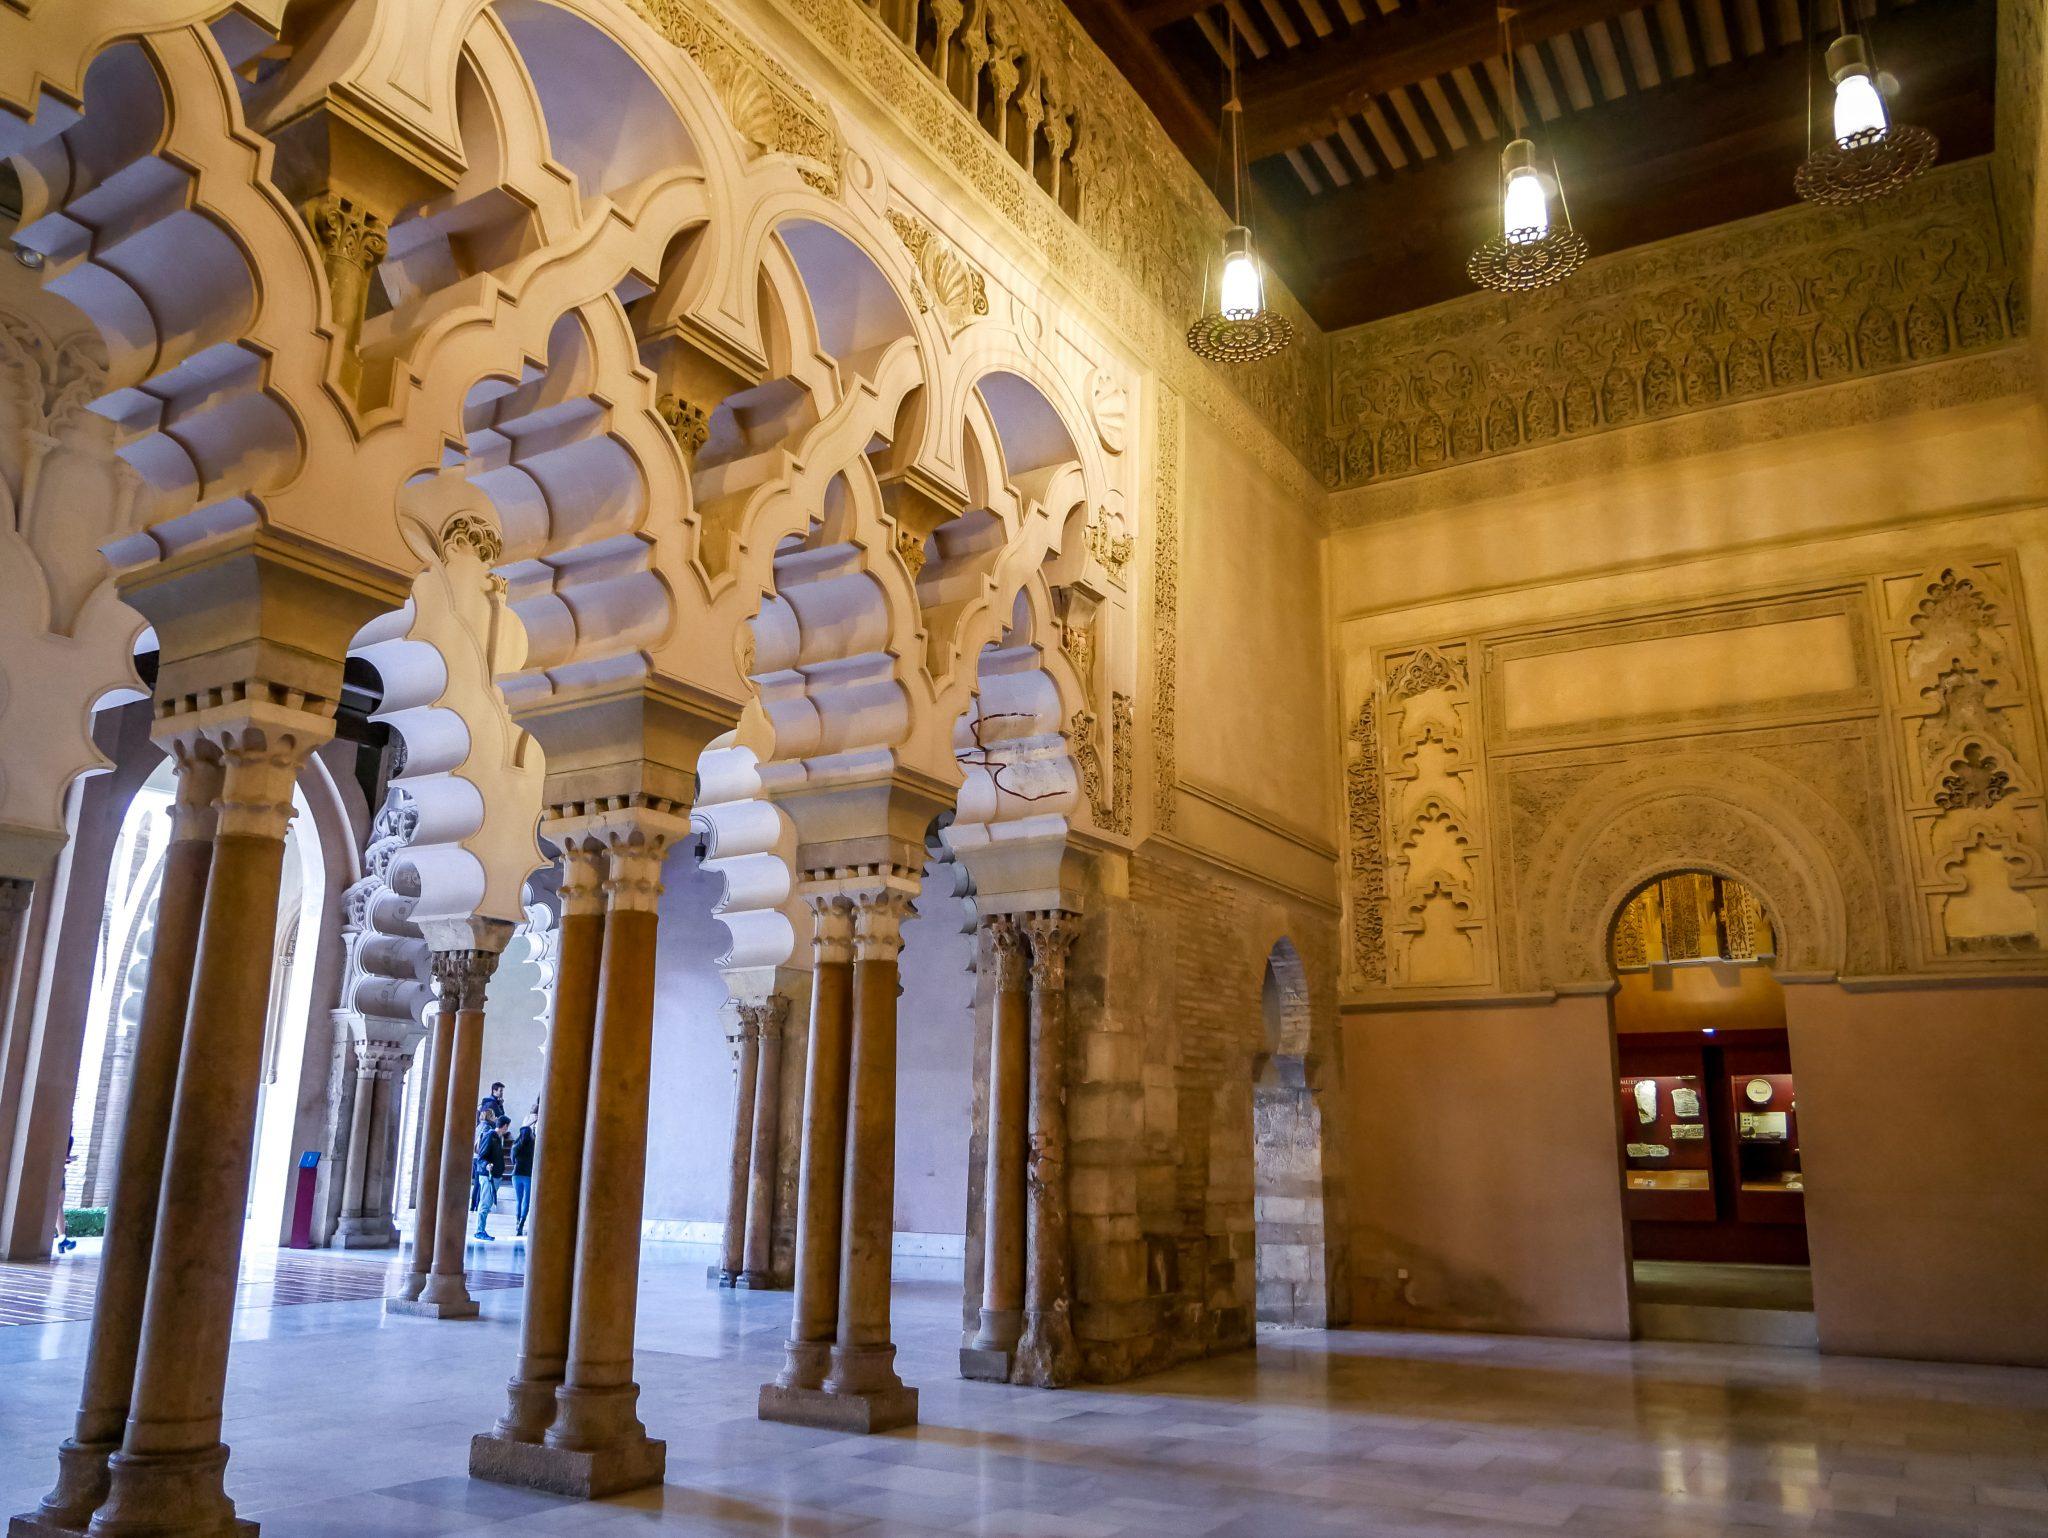 Es werden durch den Stadtpalast Aljafería kostenlose Führungen auf Spanisch angeboten, welche zu festen Uhrzeiten stattfinden.